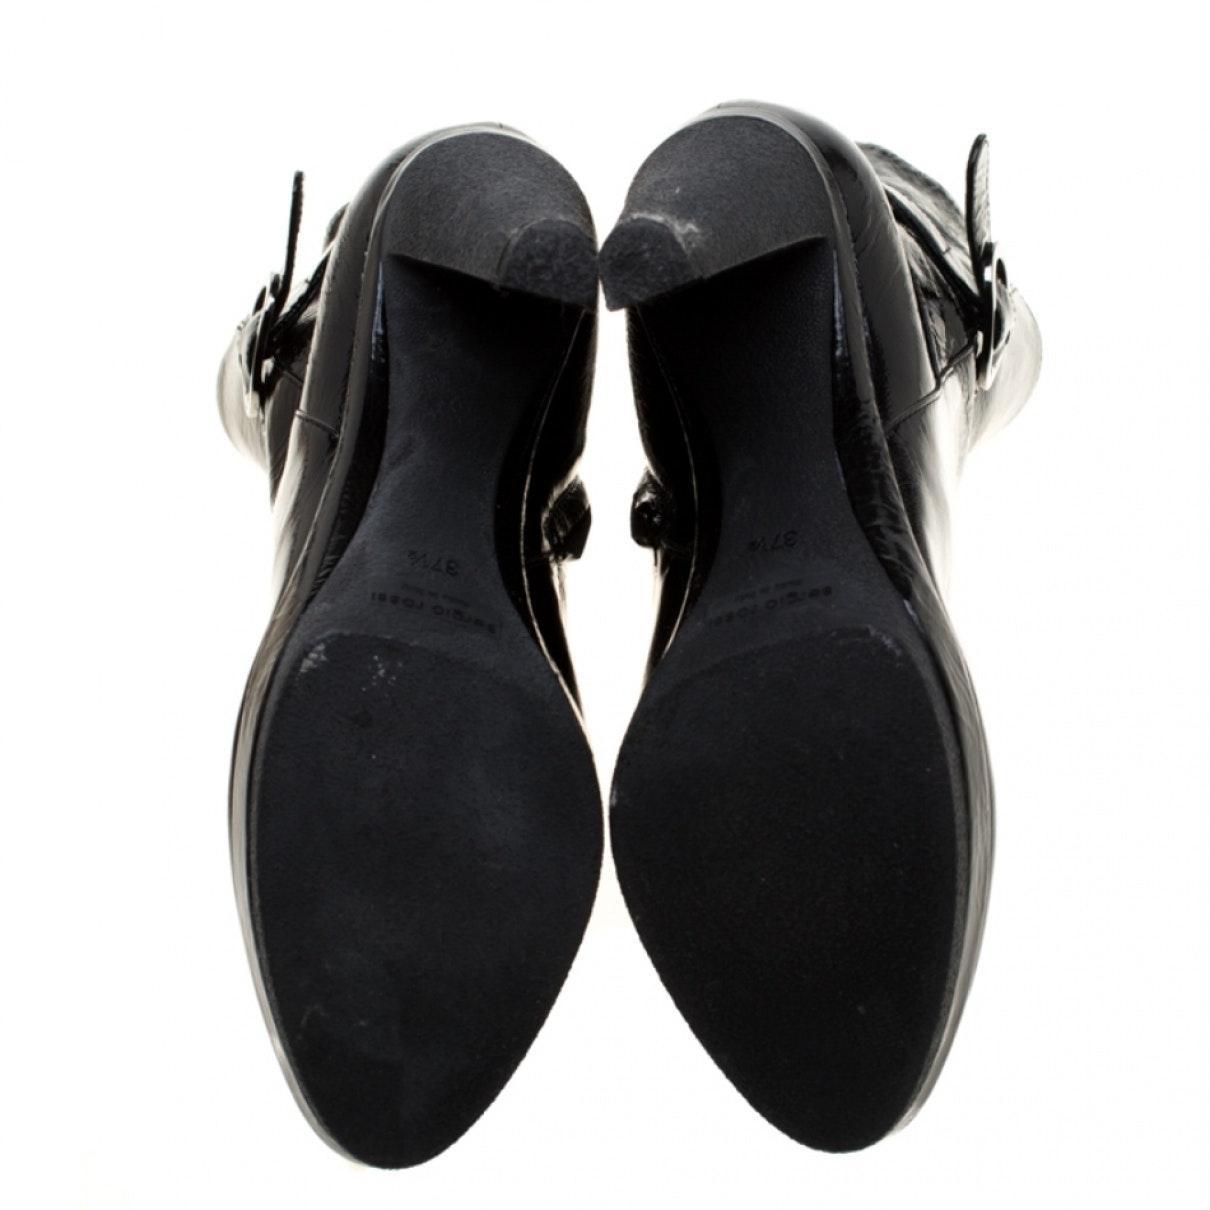 Botines de Charol Sergio Rossi de Cuero de color Negro